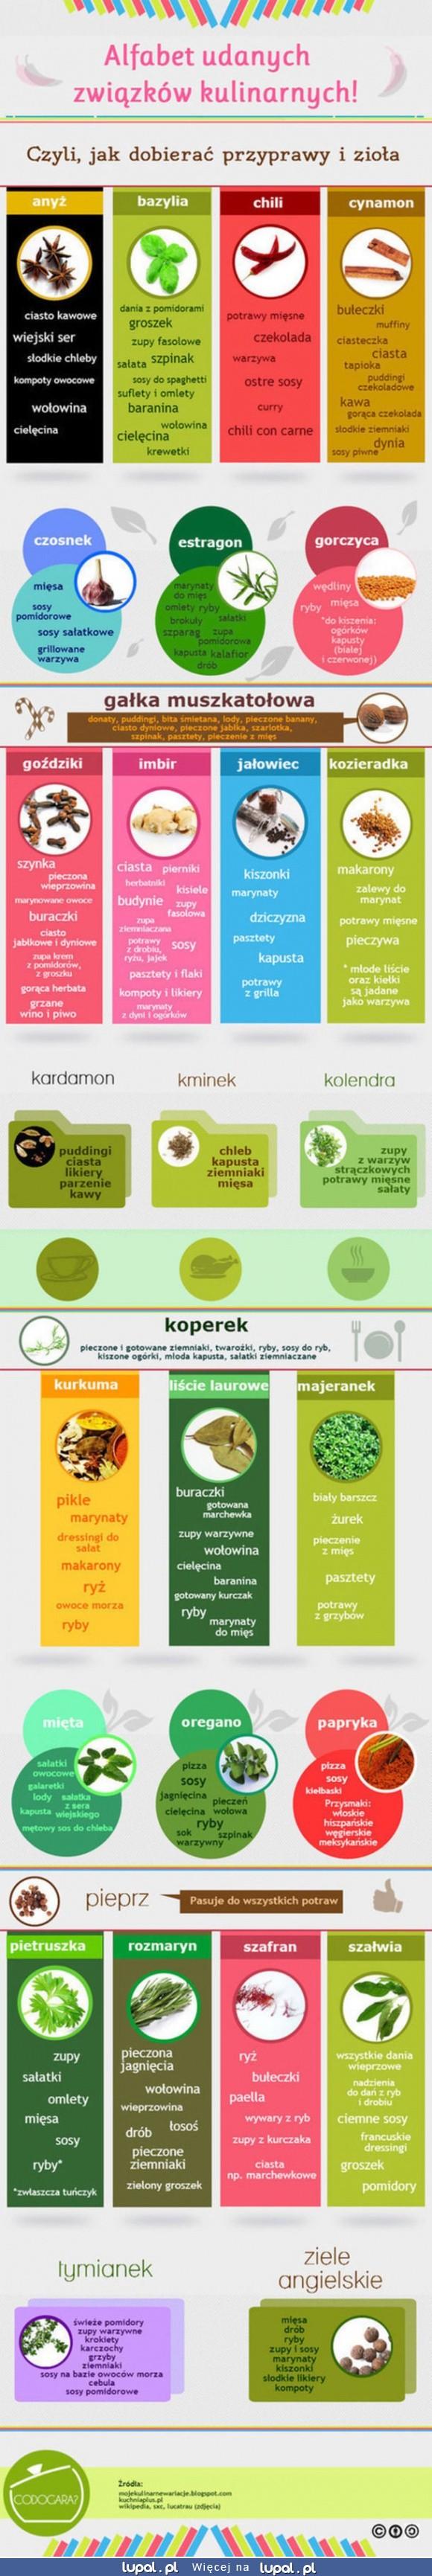 Alfabet udanych związków kulinarnych